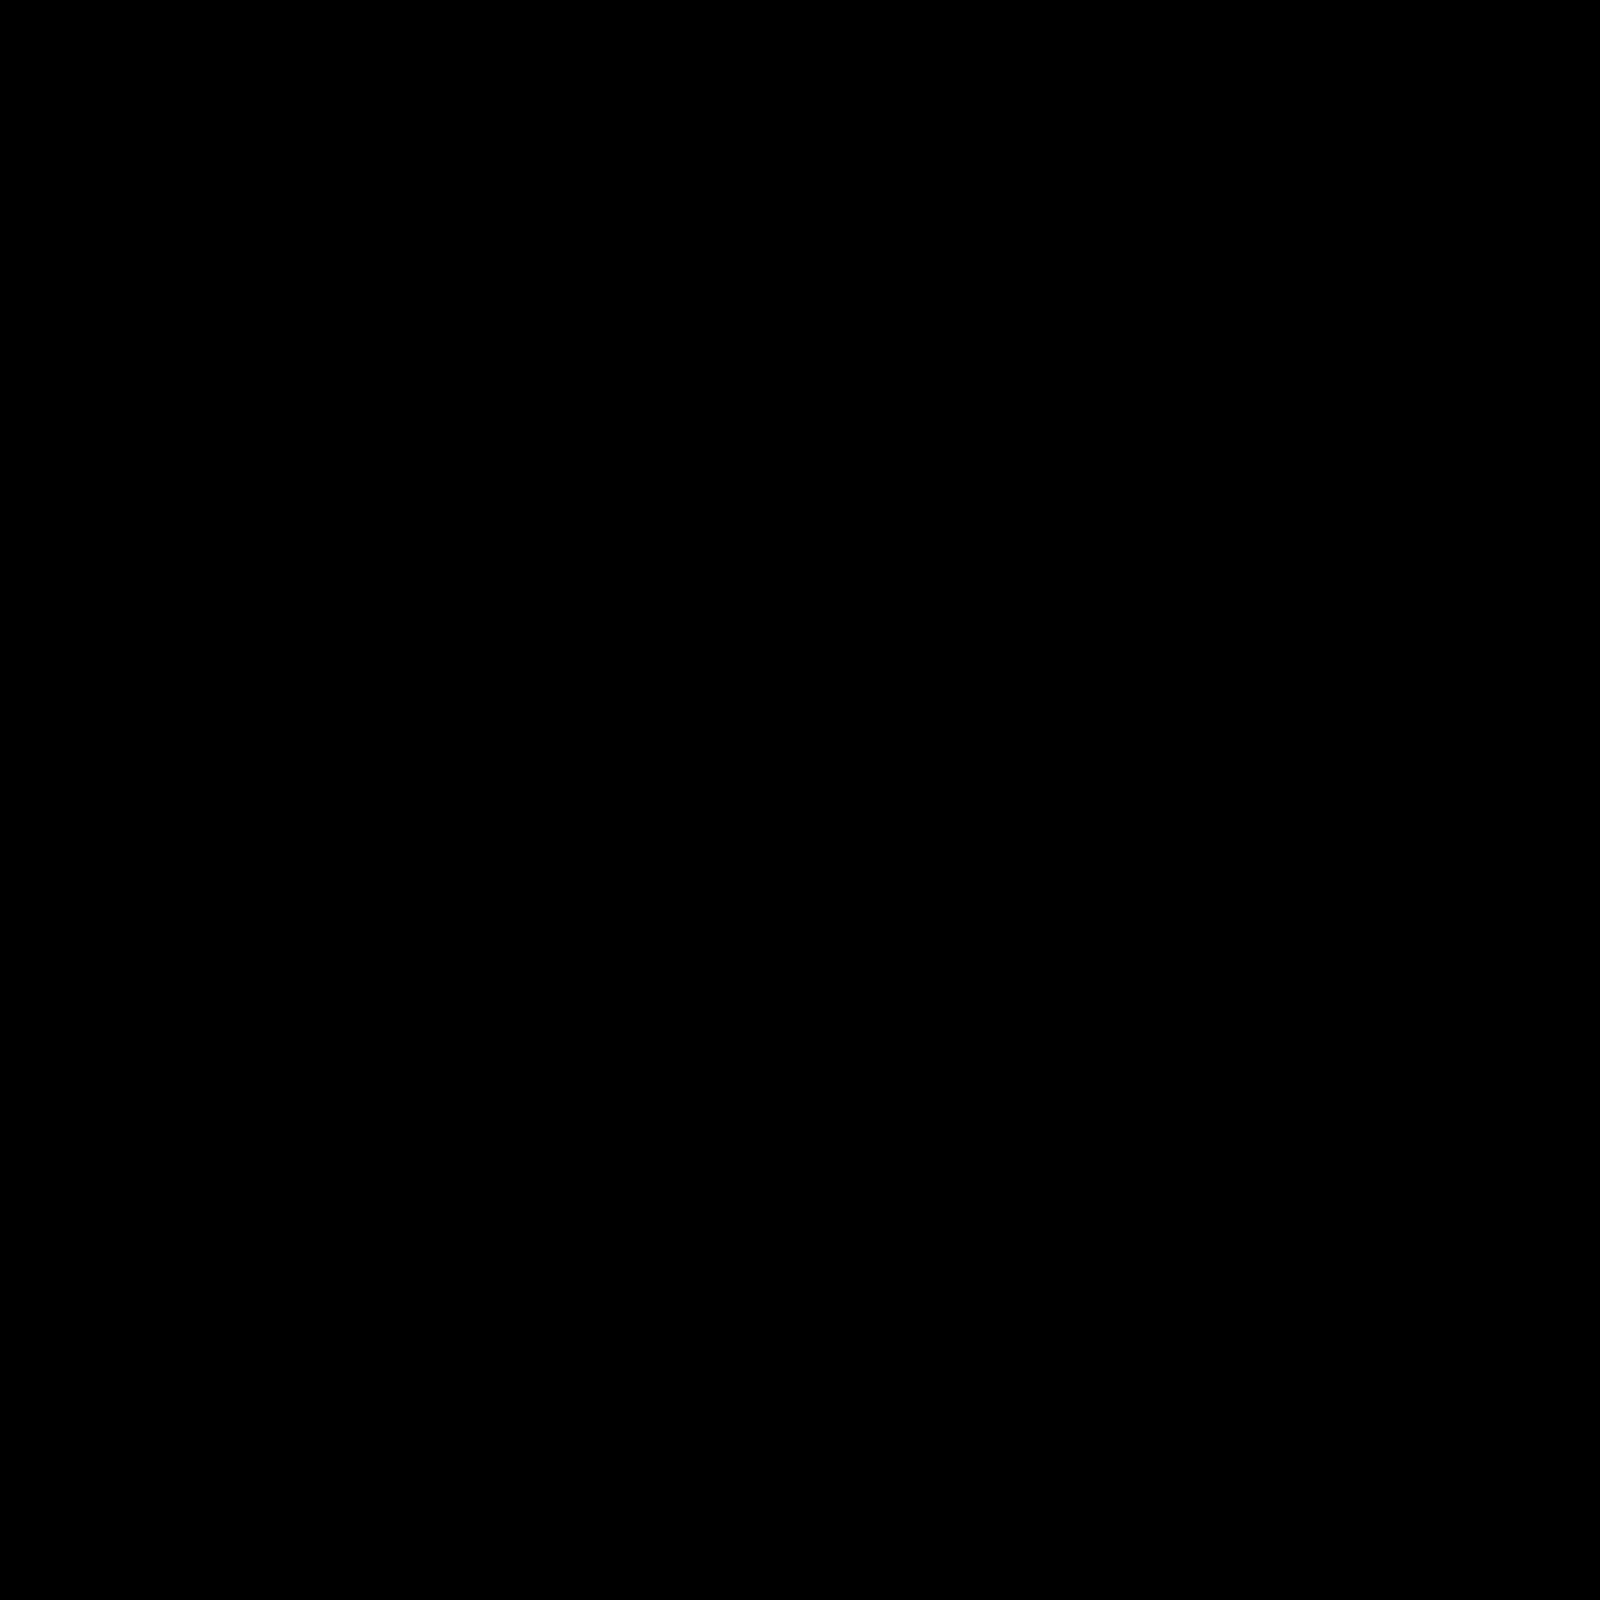 Статичные виды icon